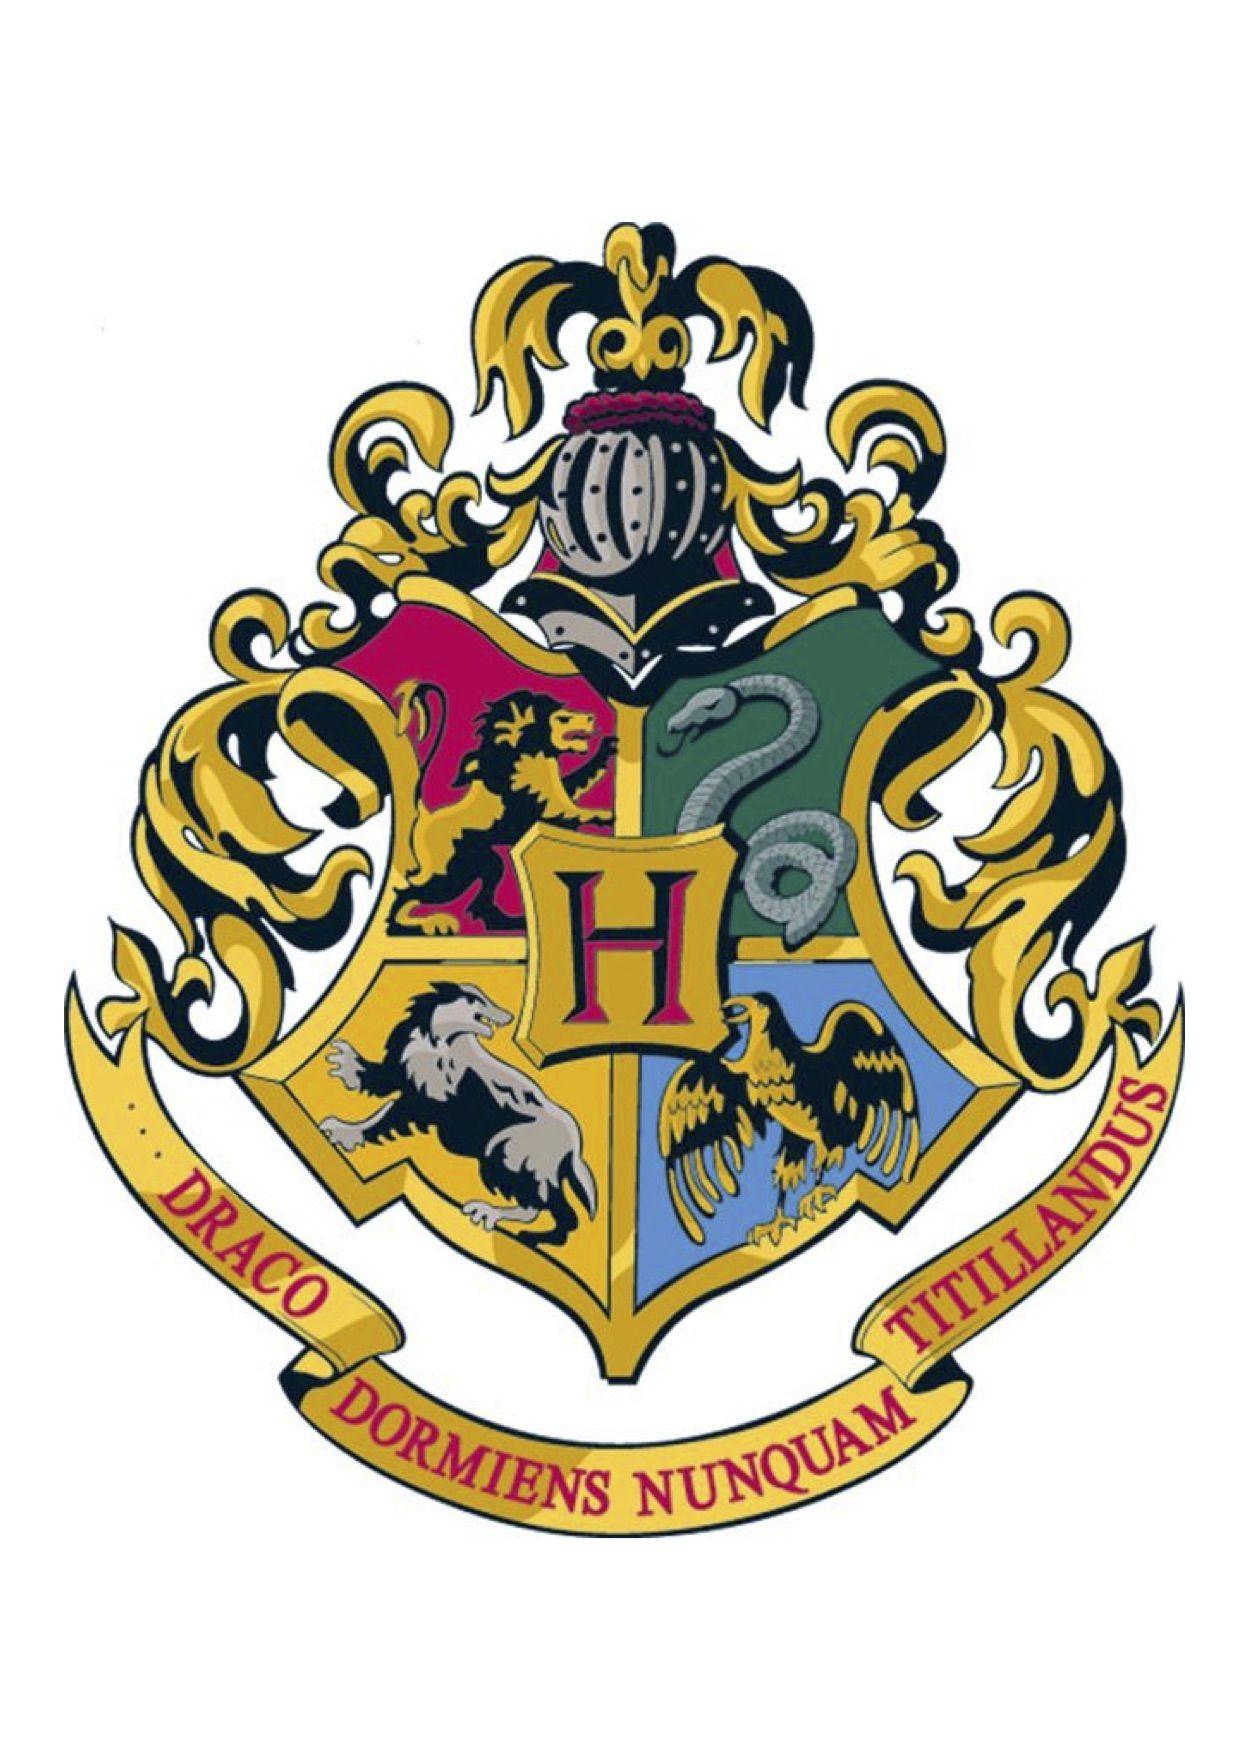 Harry Potter Hogwarts School Crest Printable